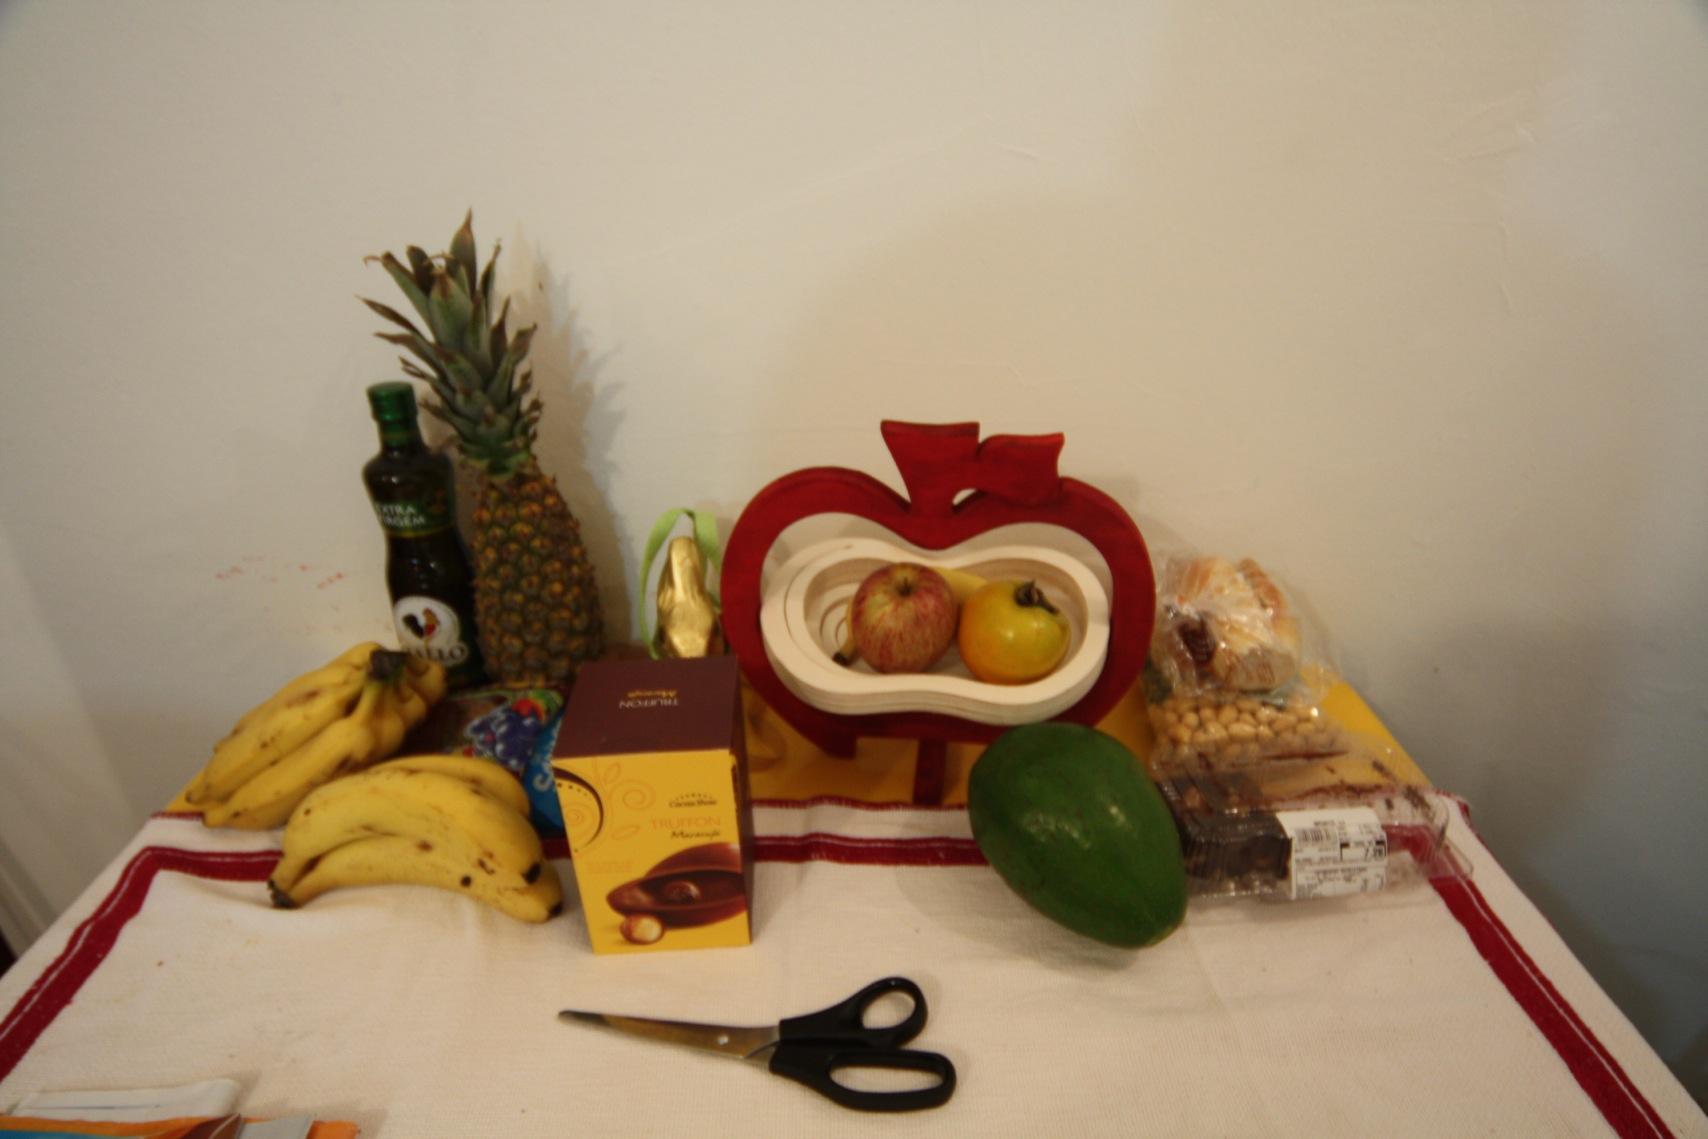 Der Küchentisch mit Früchtesortiment. Man beachte die gigantische Avocado. Hier ist alles etwas größer...